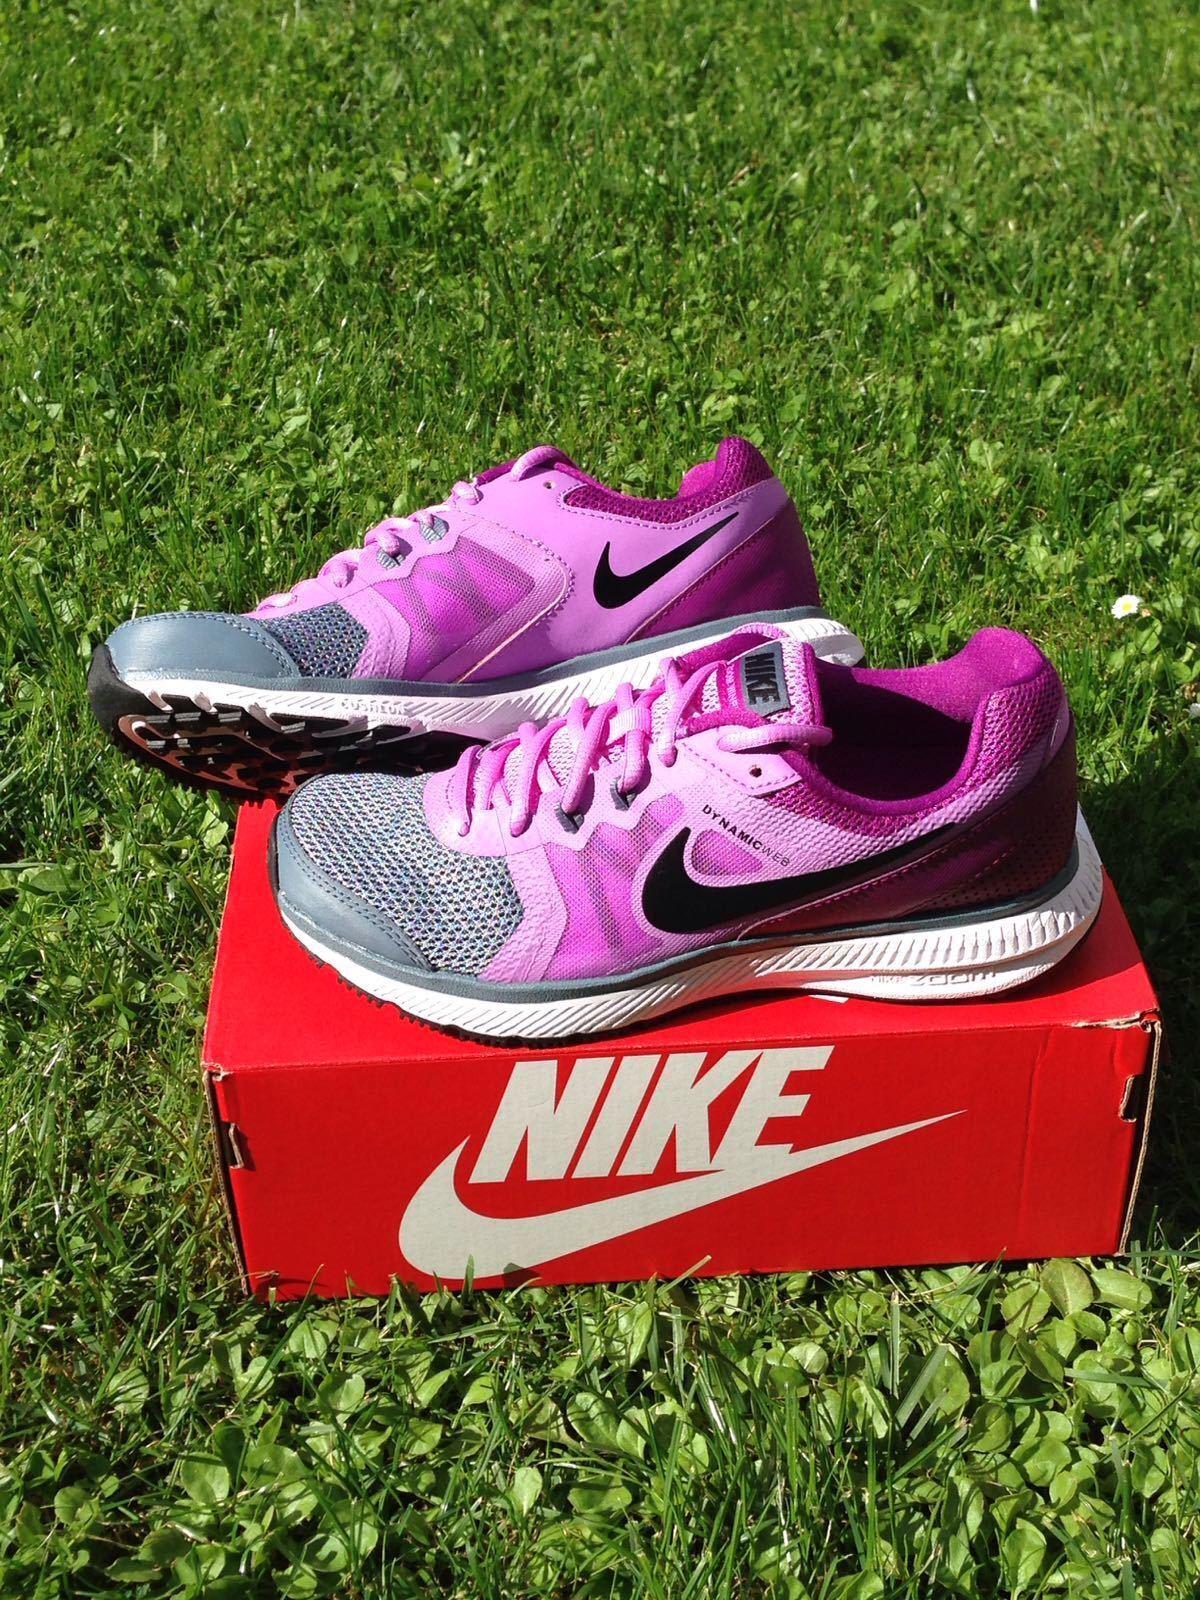 Nike 401] wmns zoom winflo cortos señora Mujer [684490 401] Nike 38 - 38,5 nuevo 8f22de